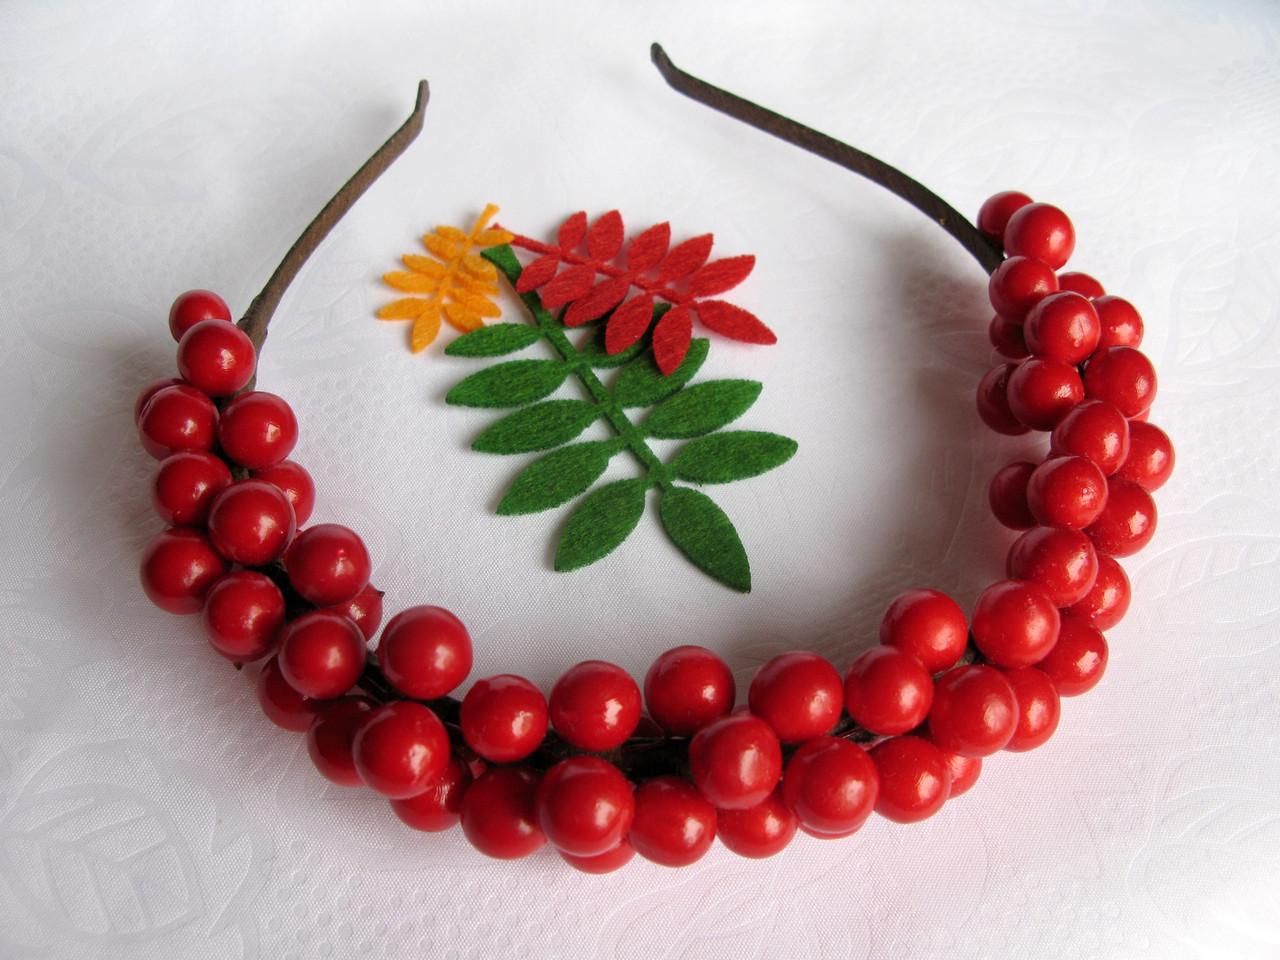 Обруч с гладкими ягодами калины 135 грн